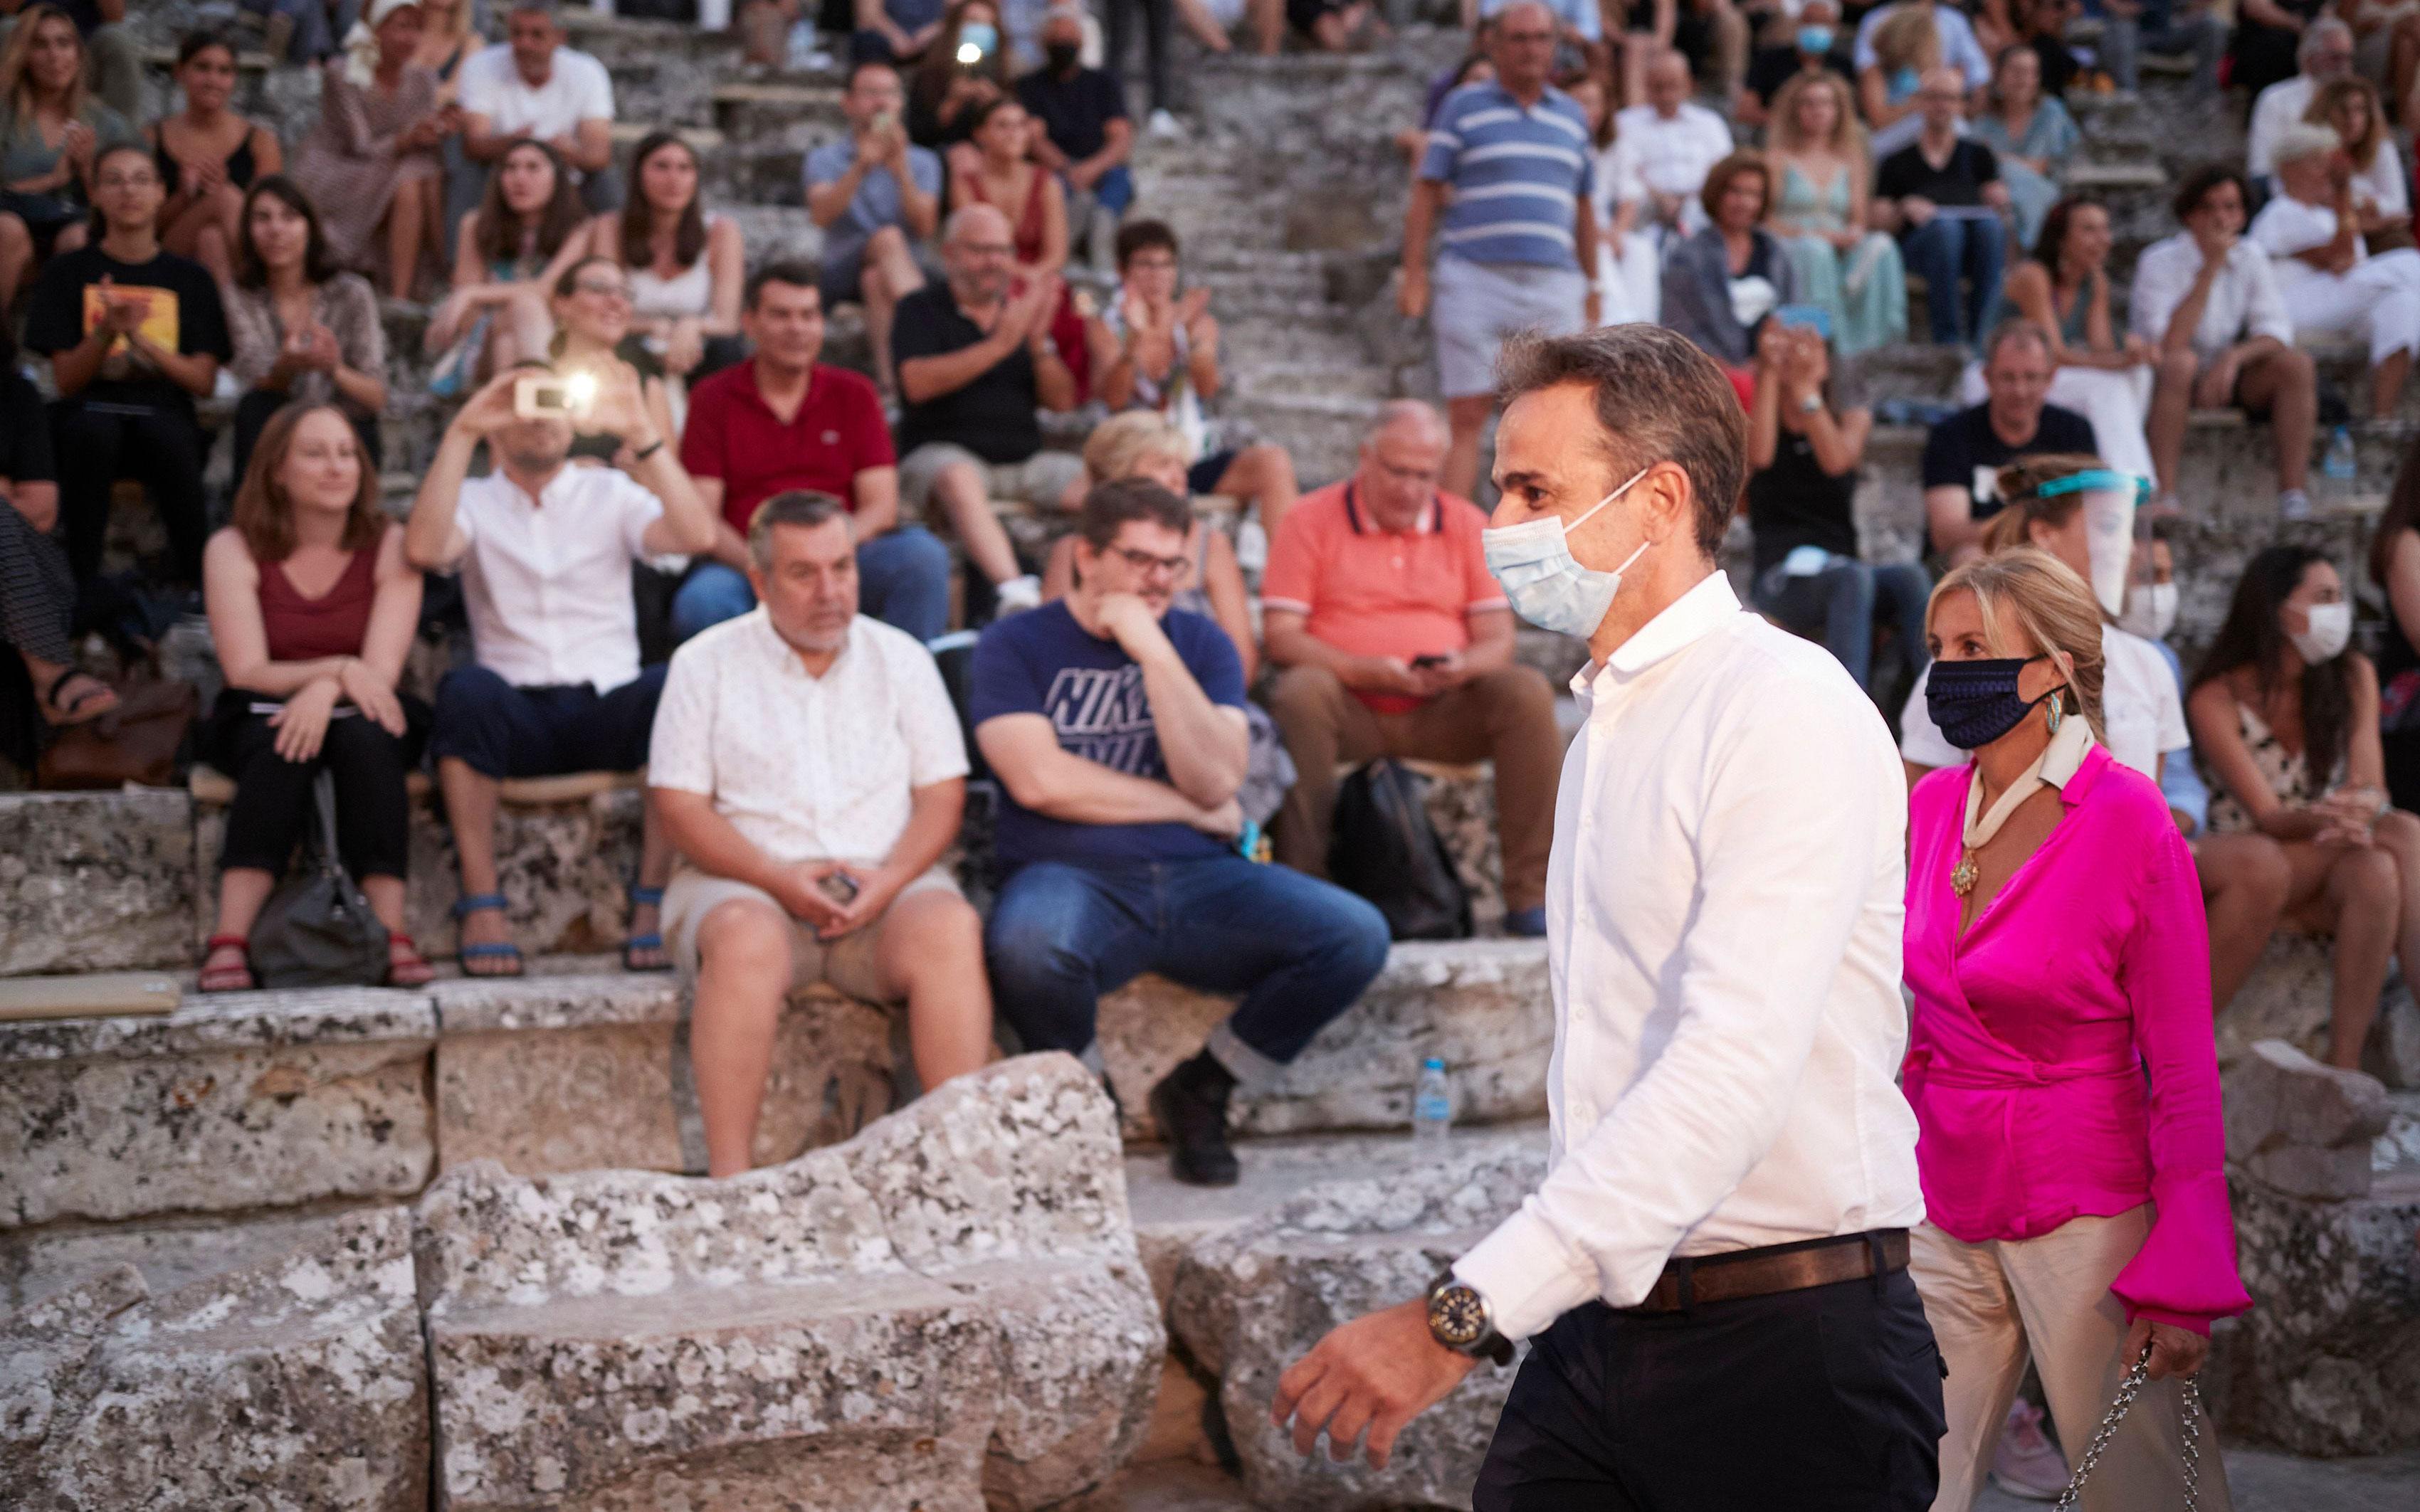 Επίδαυρος: Την τραγωδία «Πέρσες» παρακολούθησε ο Κυρ. Μητσοτάκης